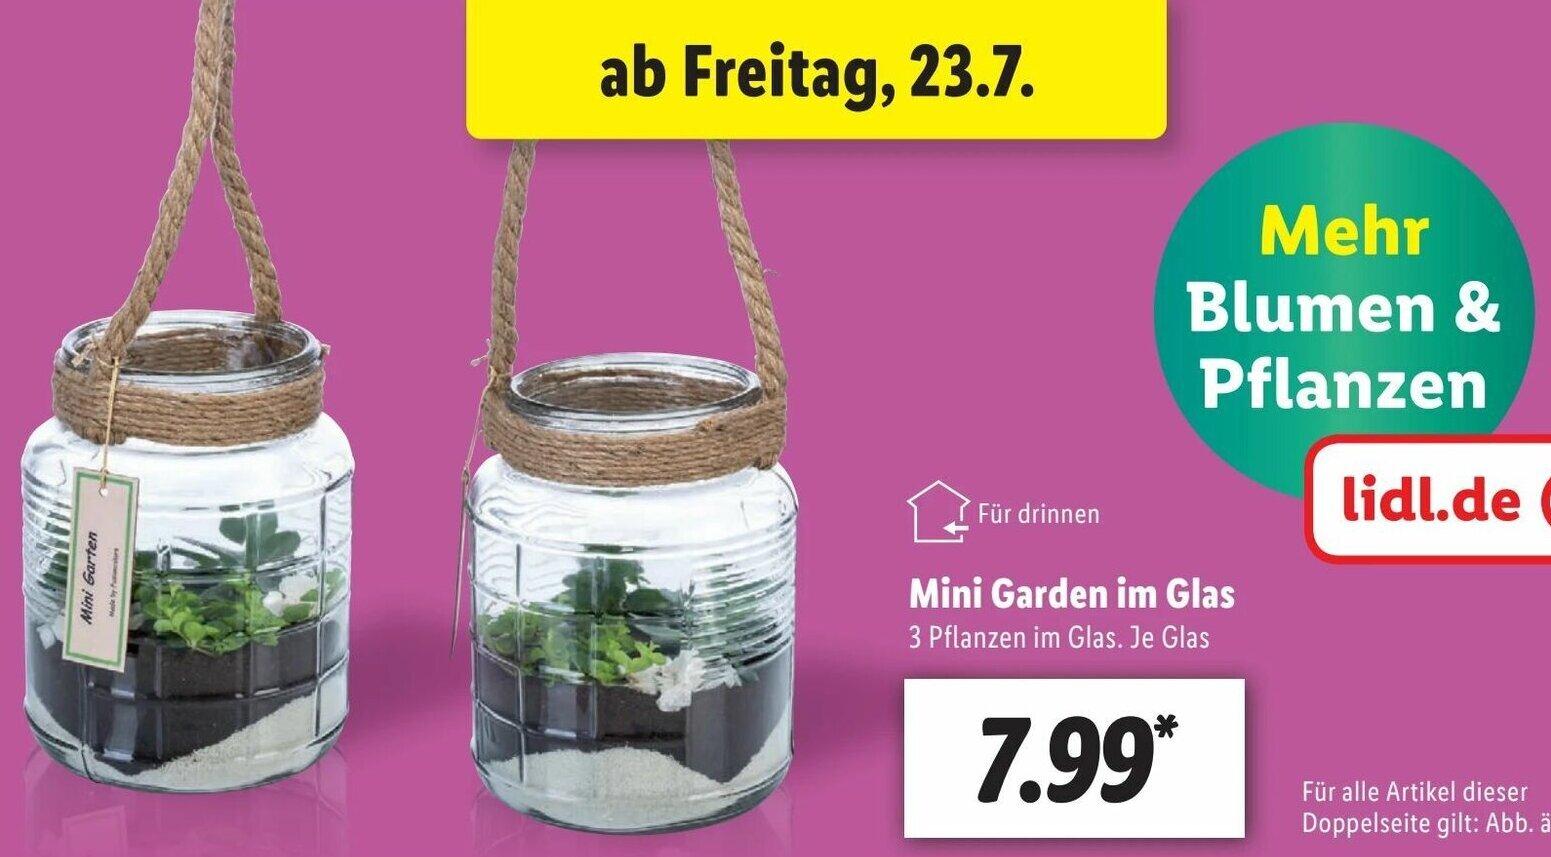 16 Am Schnellsten Mini Garden